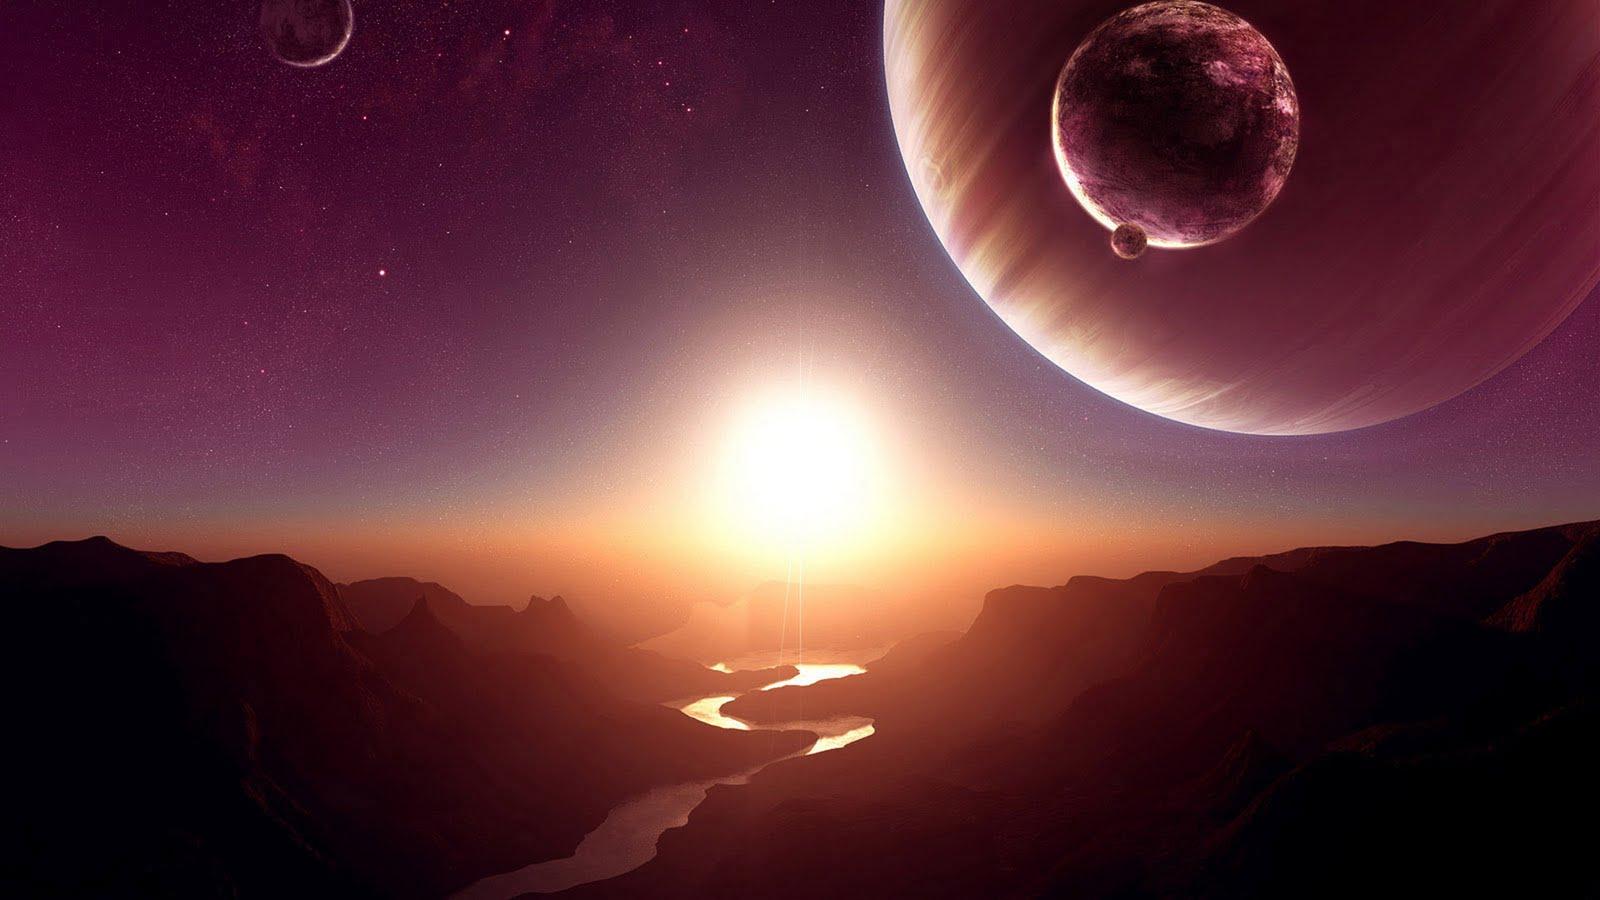 Wallpapers De Planetas En HD